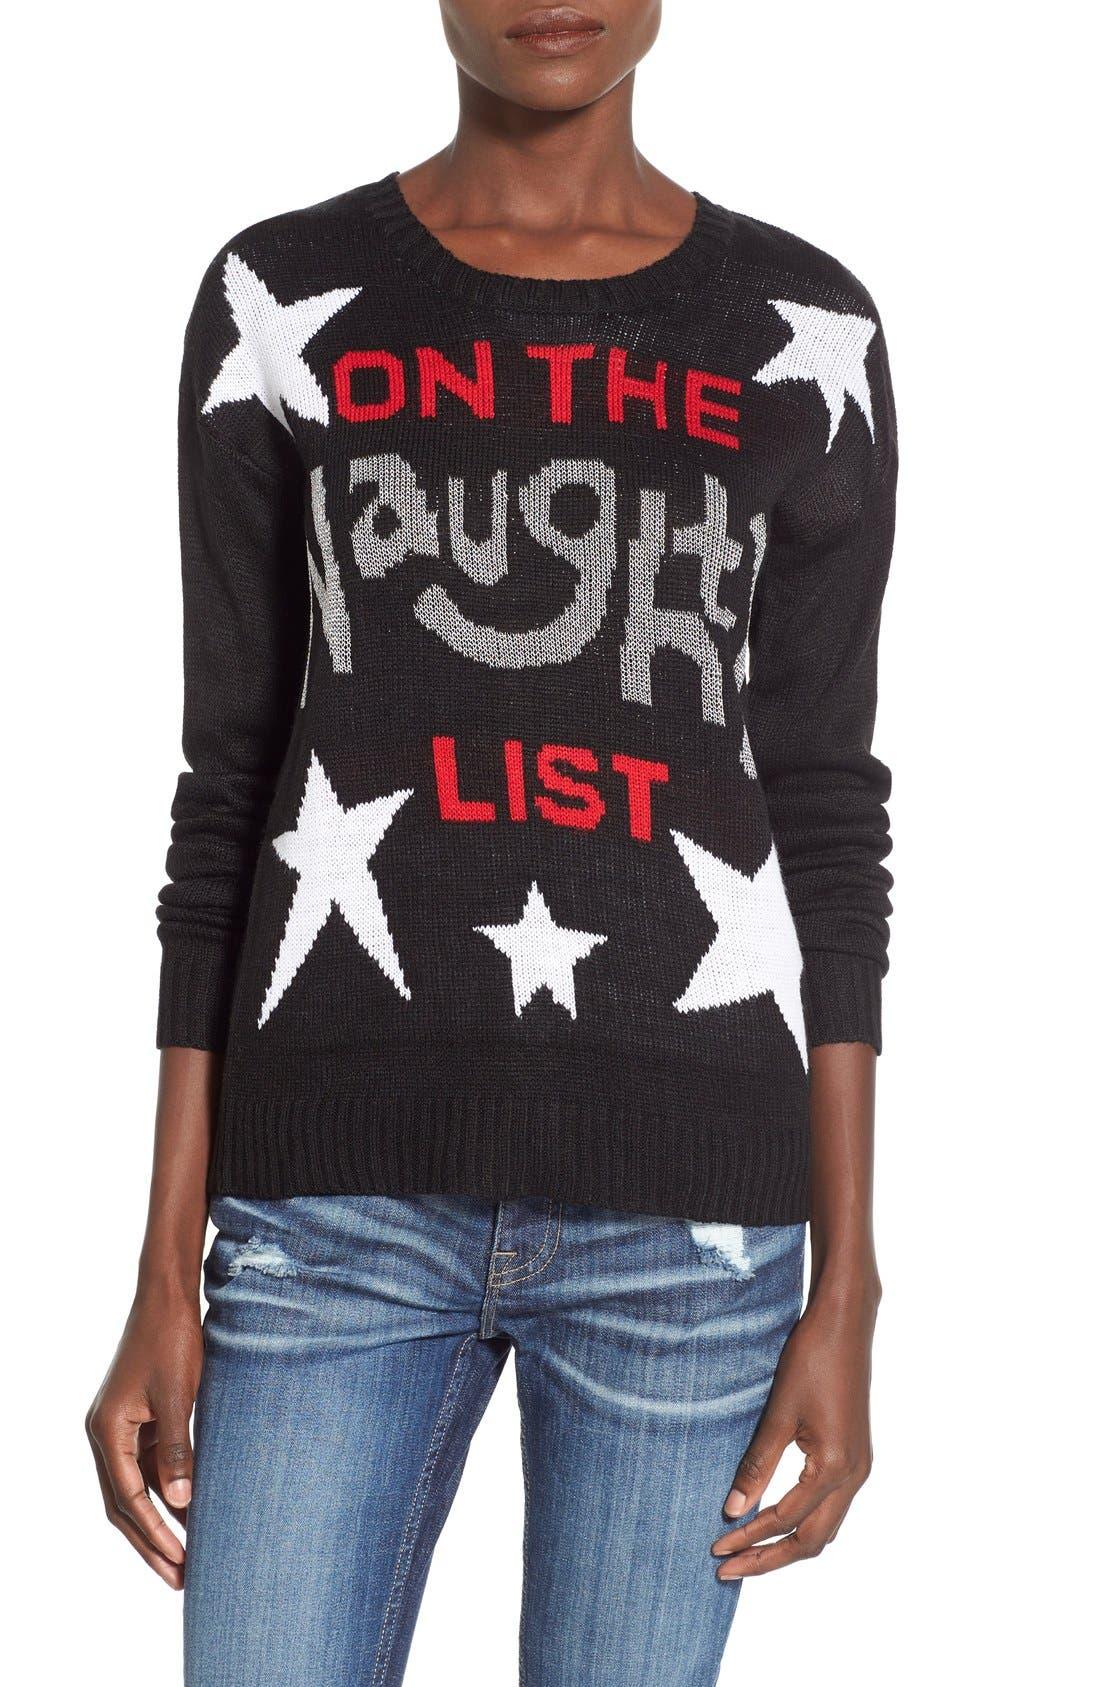 Alternate Image 1 Selected - Derek Heart 'Naughty List' Christmas Sweater